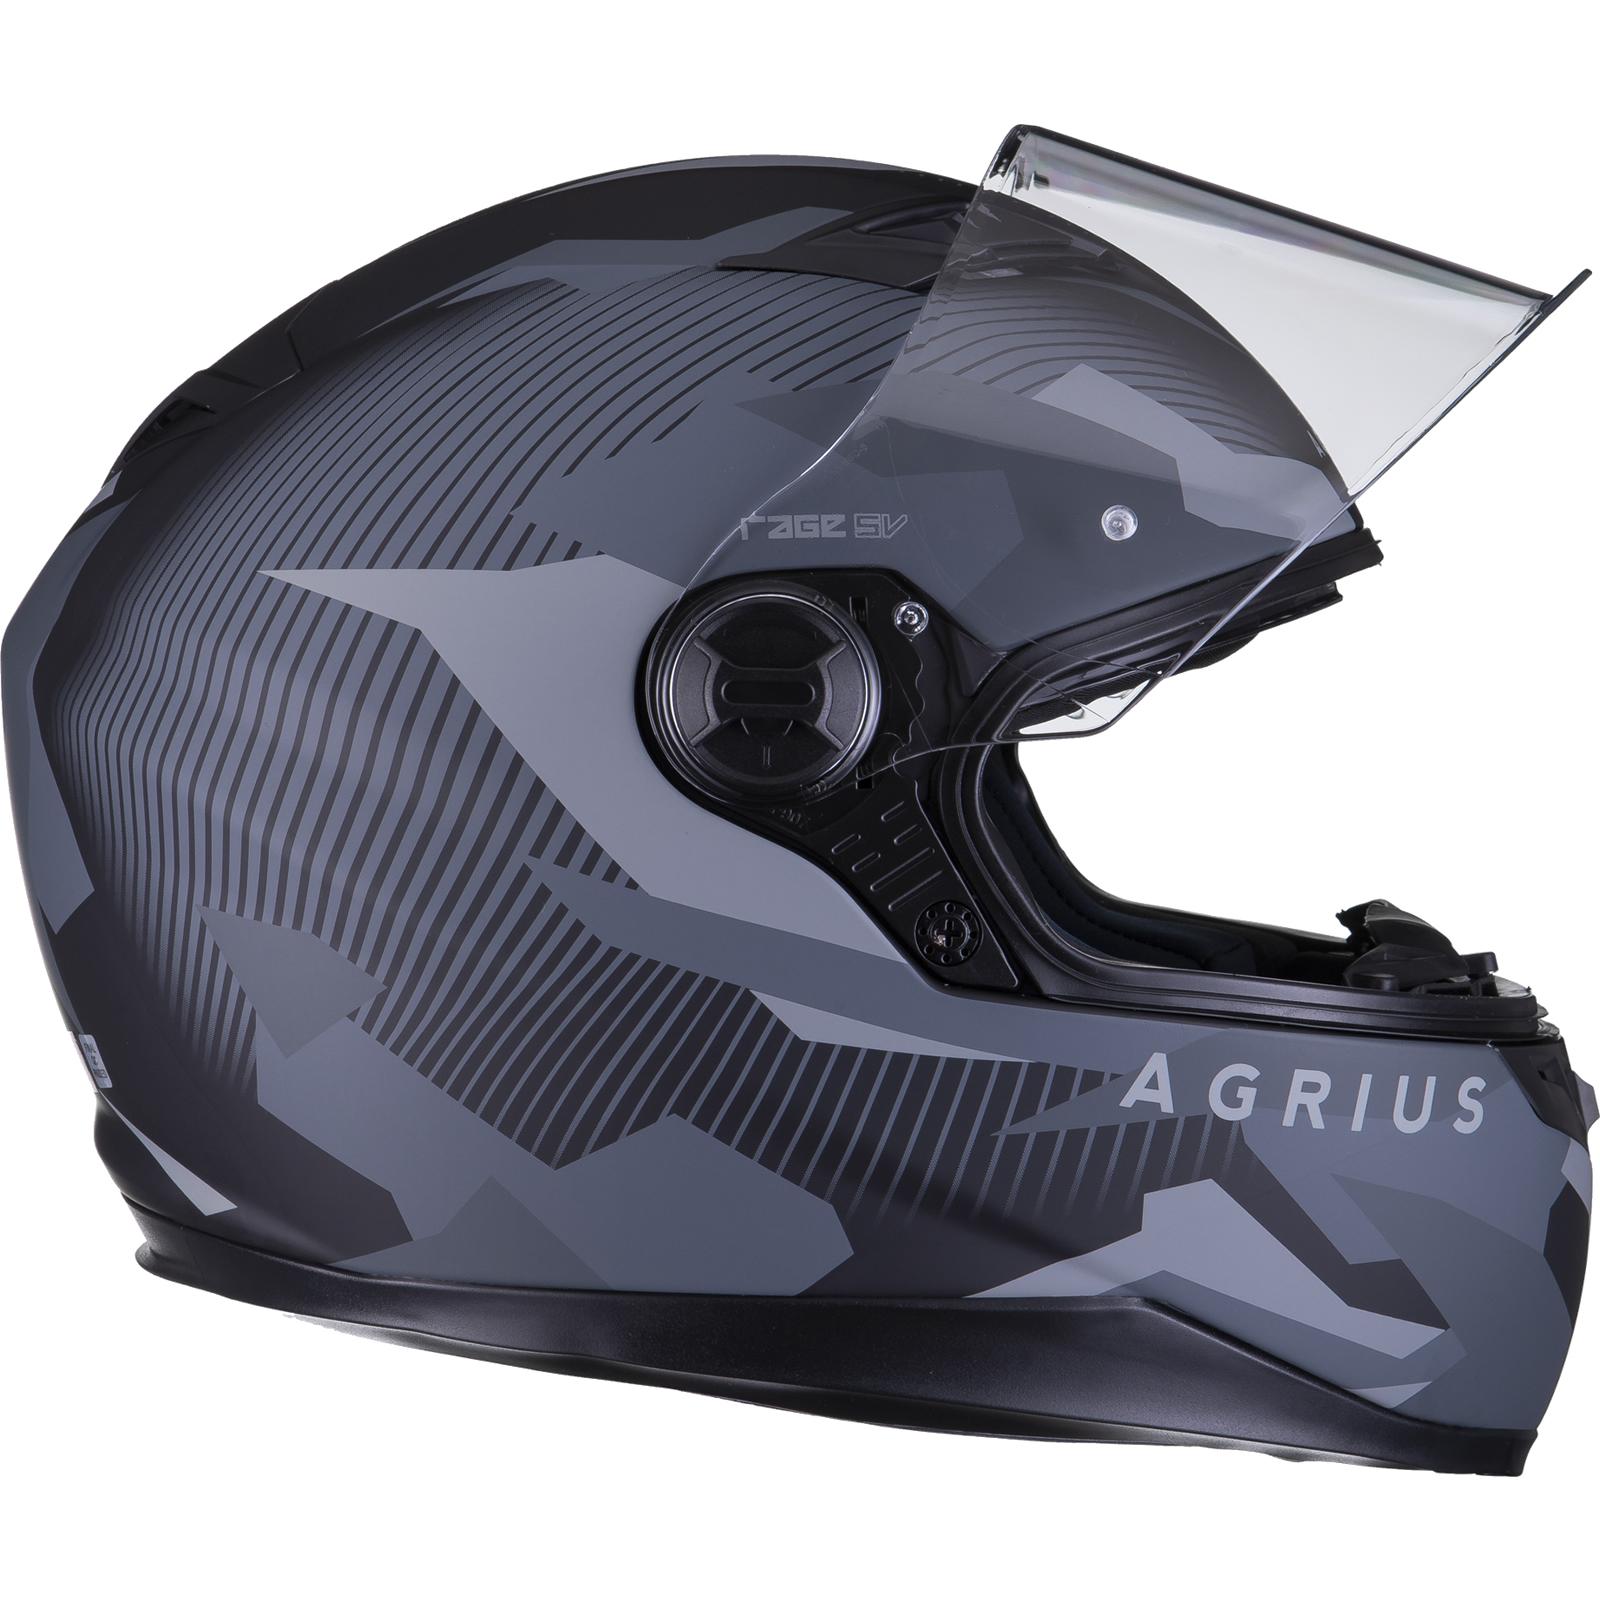 Agrius-Rage-SV-Tracker-Full-Face-Motorcycle-Matt-Helmet-bike-Road-Bike-Scooter thumbnail 22